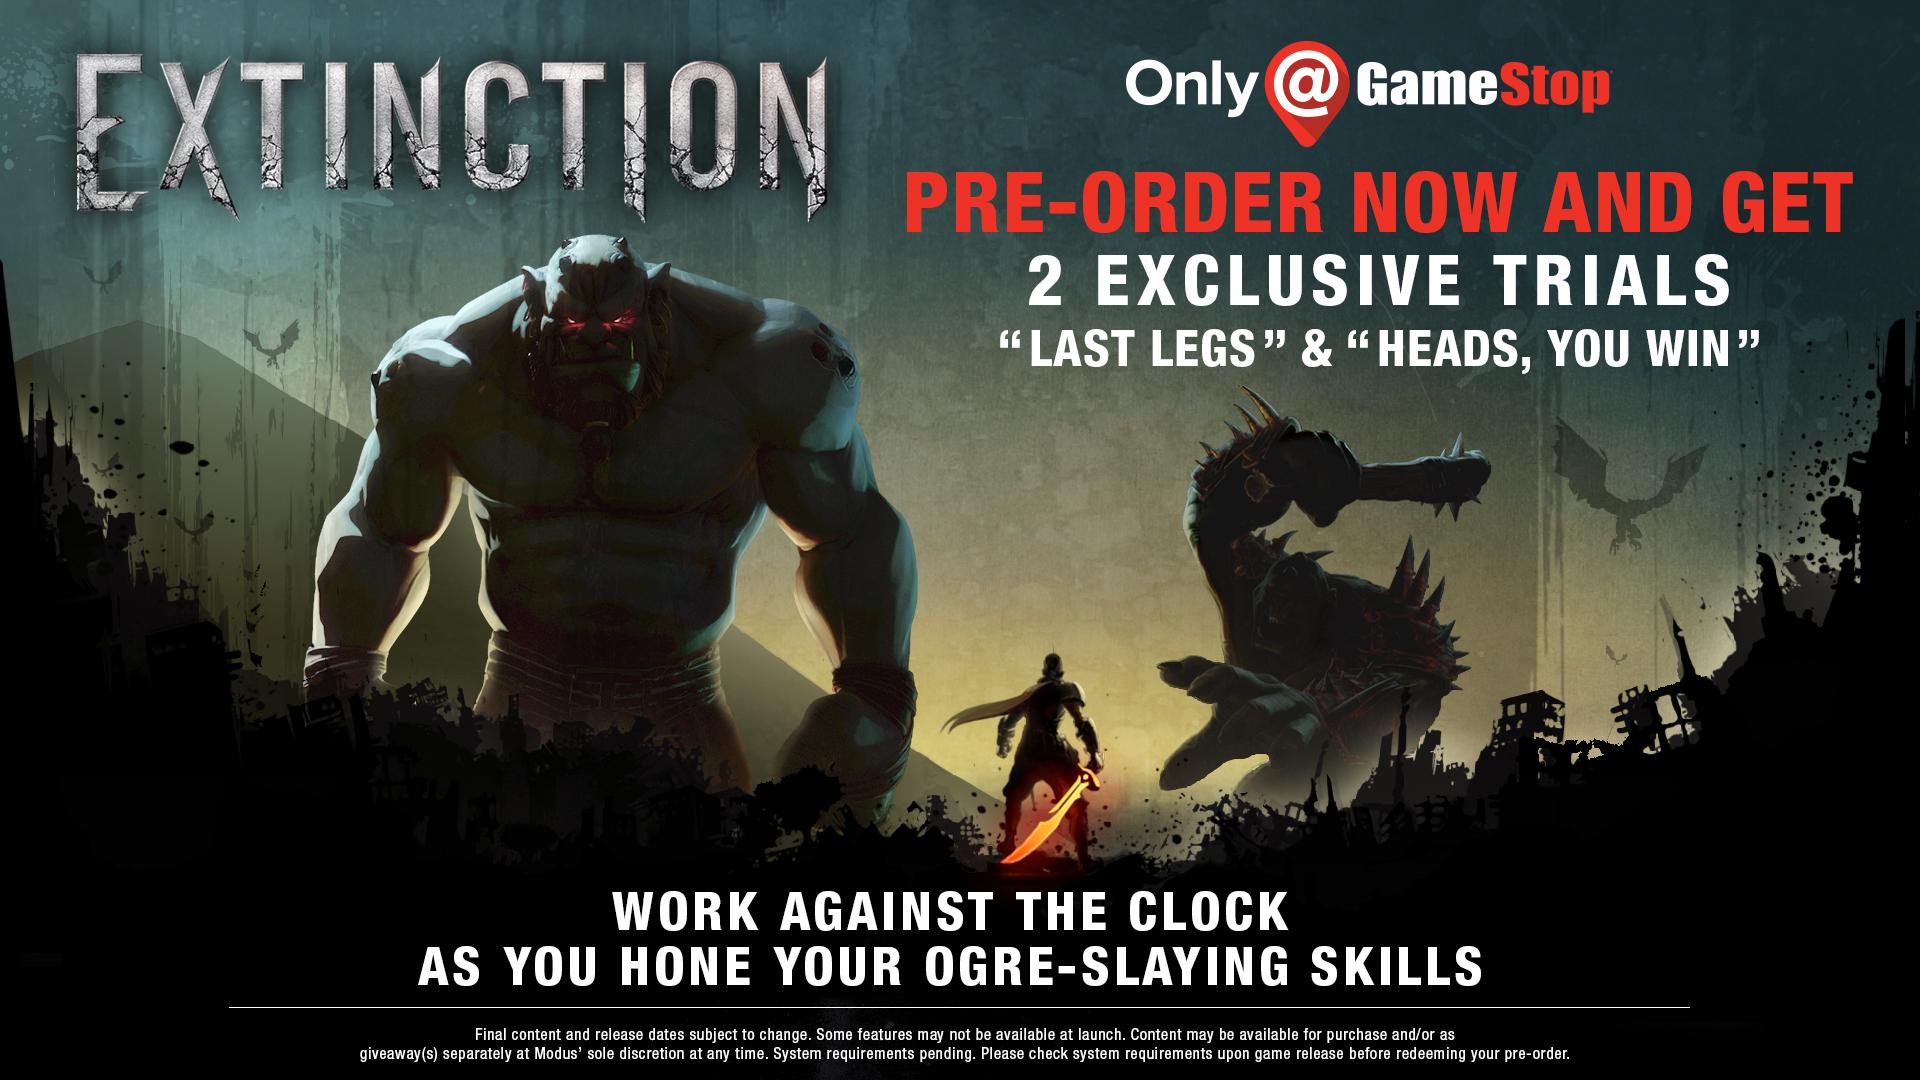 Extinction - GameStop pre-order incentive